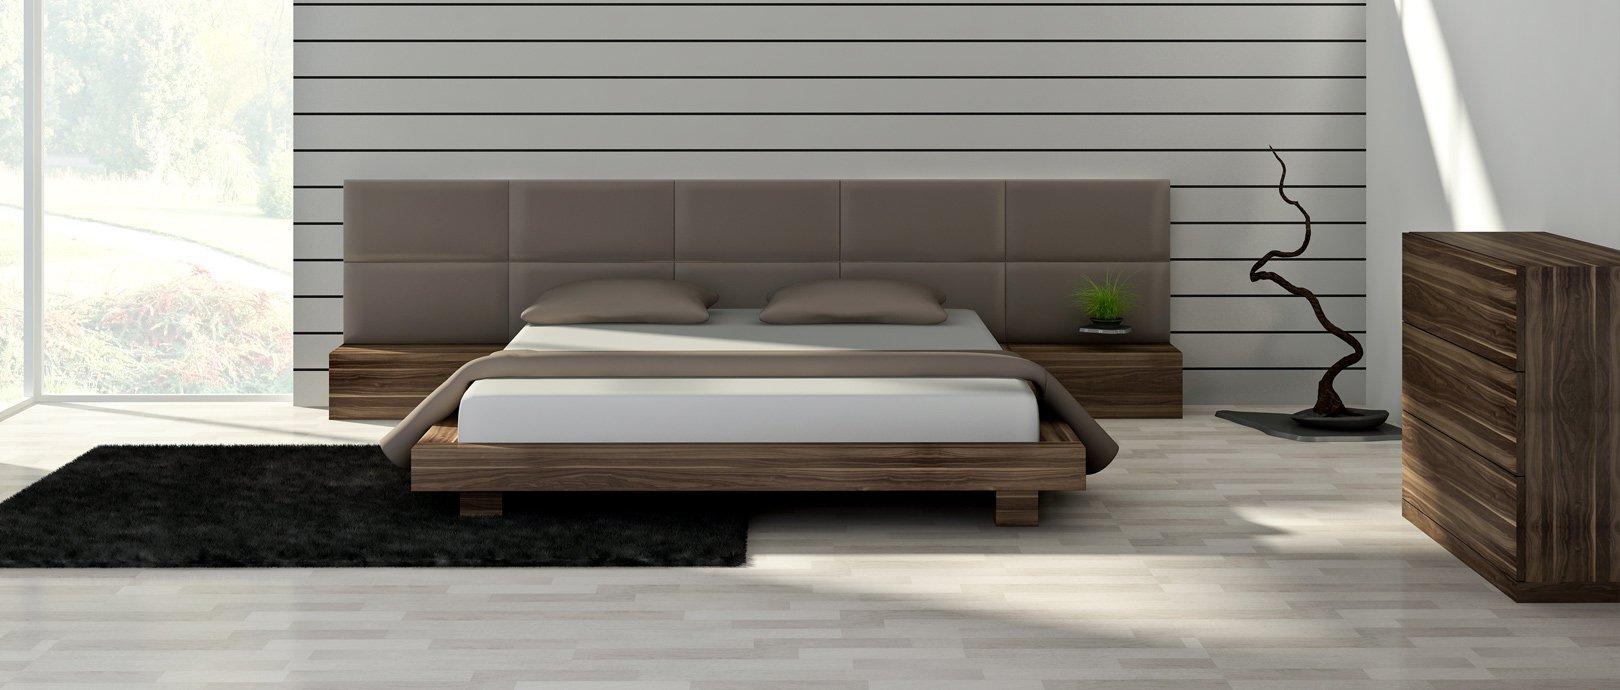 łóżko Drewniane Z Tapicerowanym Wezgłowiem I Stolikami Nocnymi